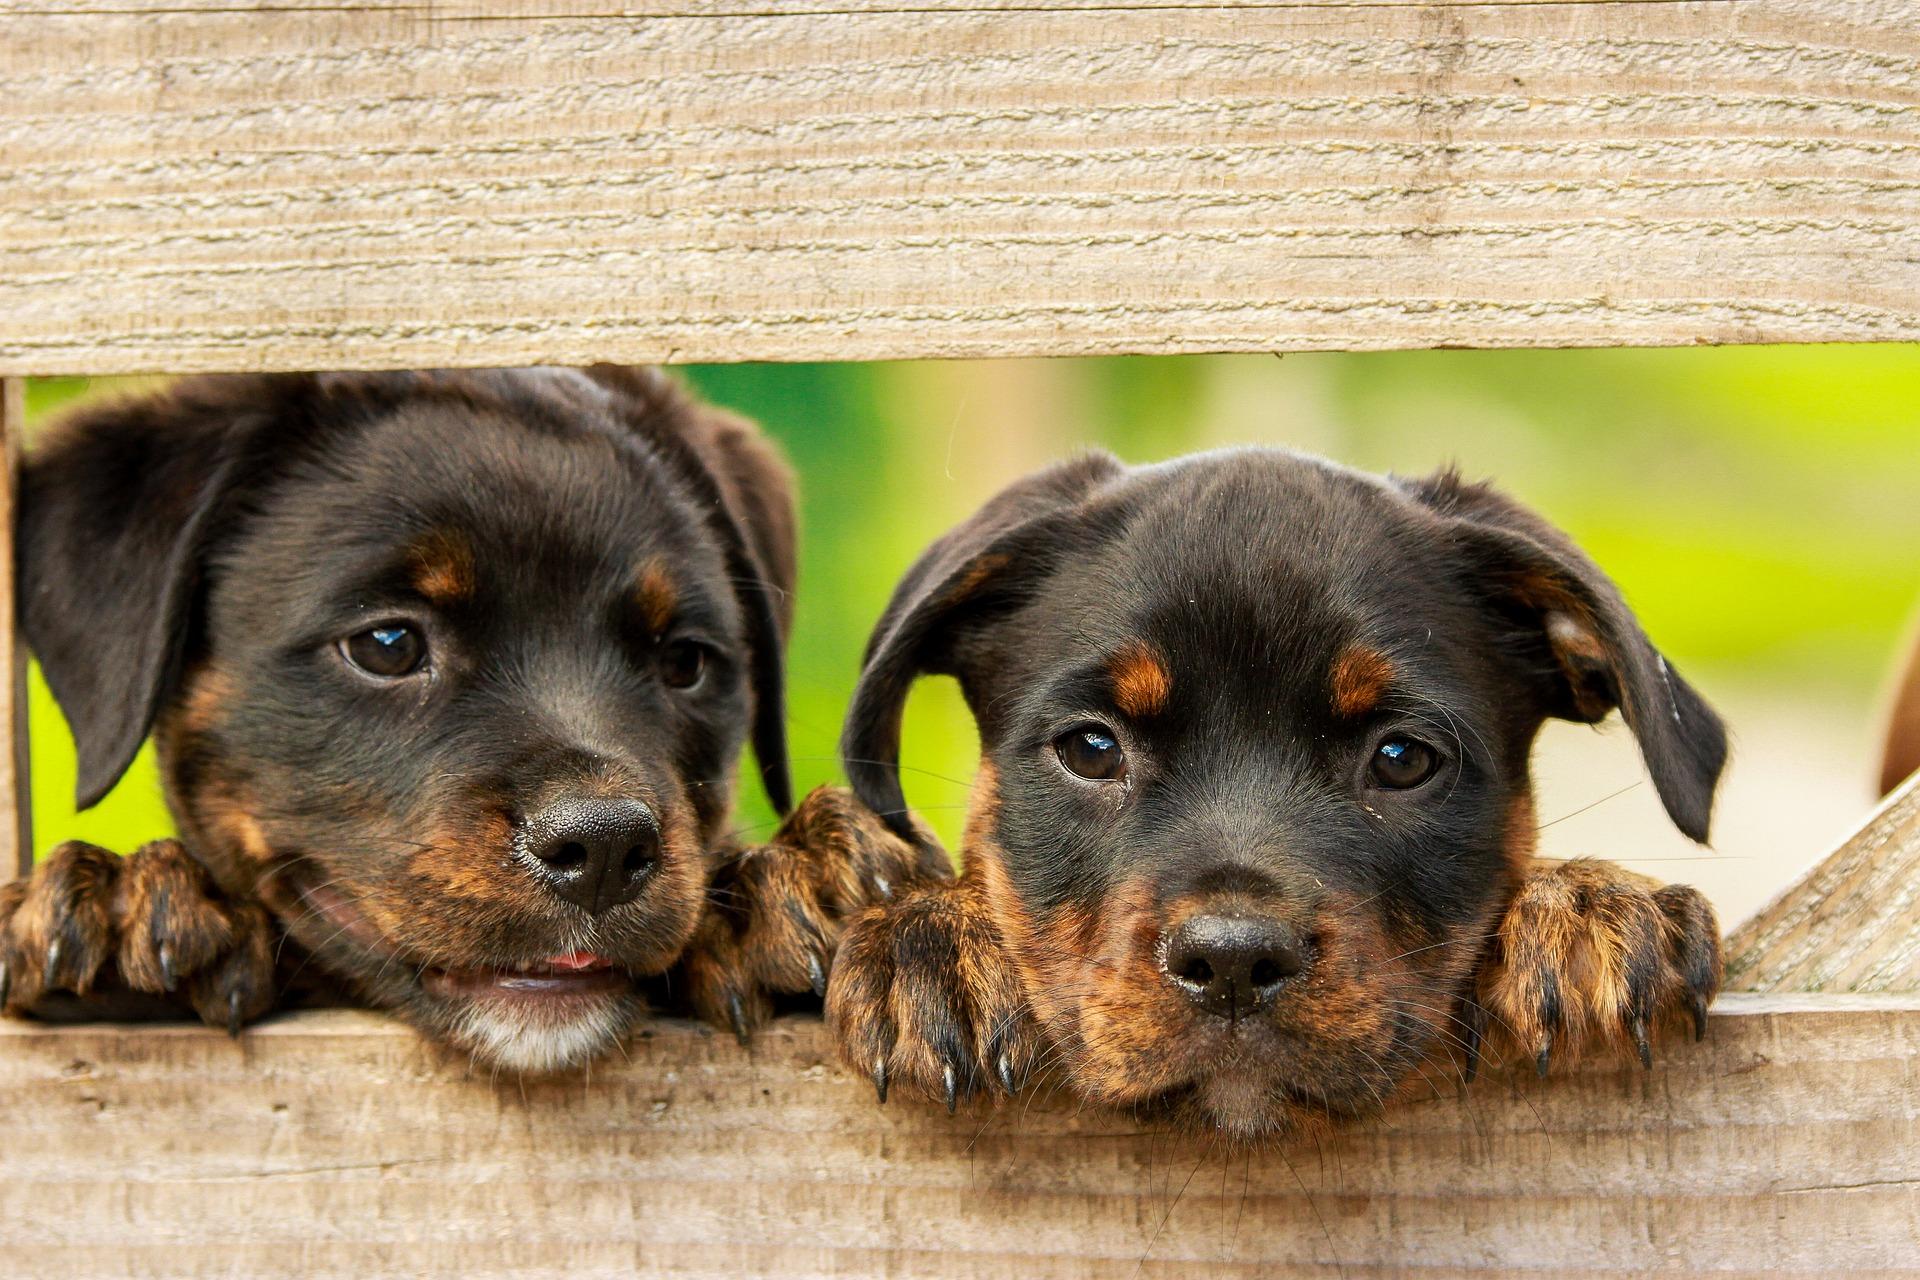 download wallpaper: Rottweiler puppier wallpaper